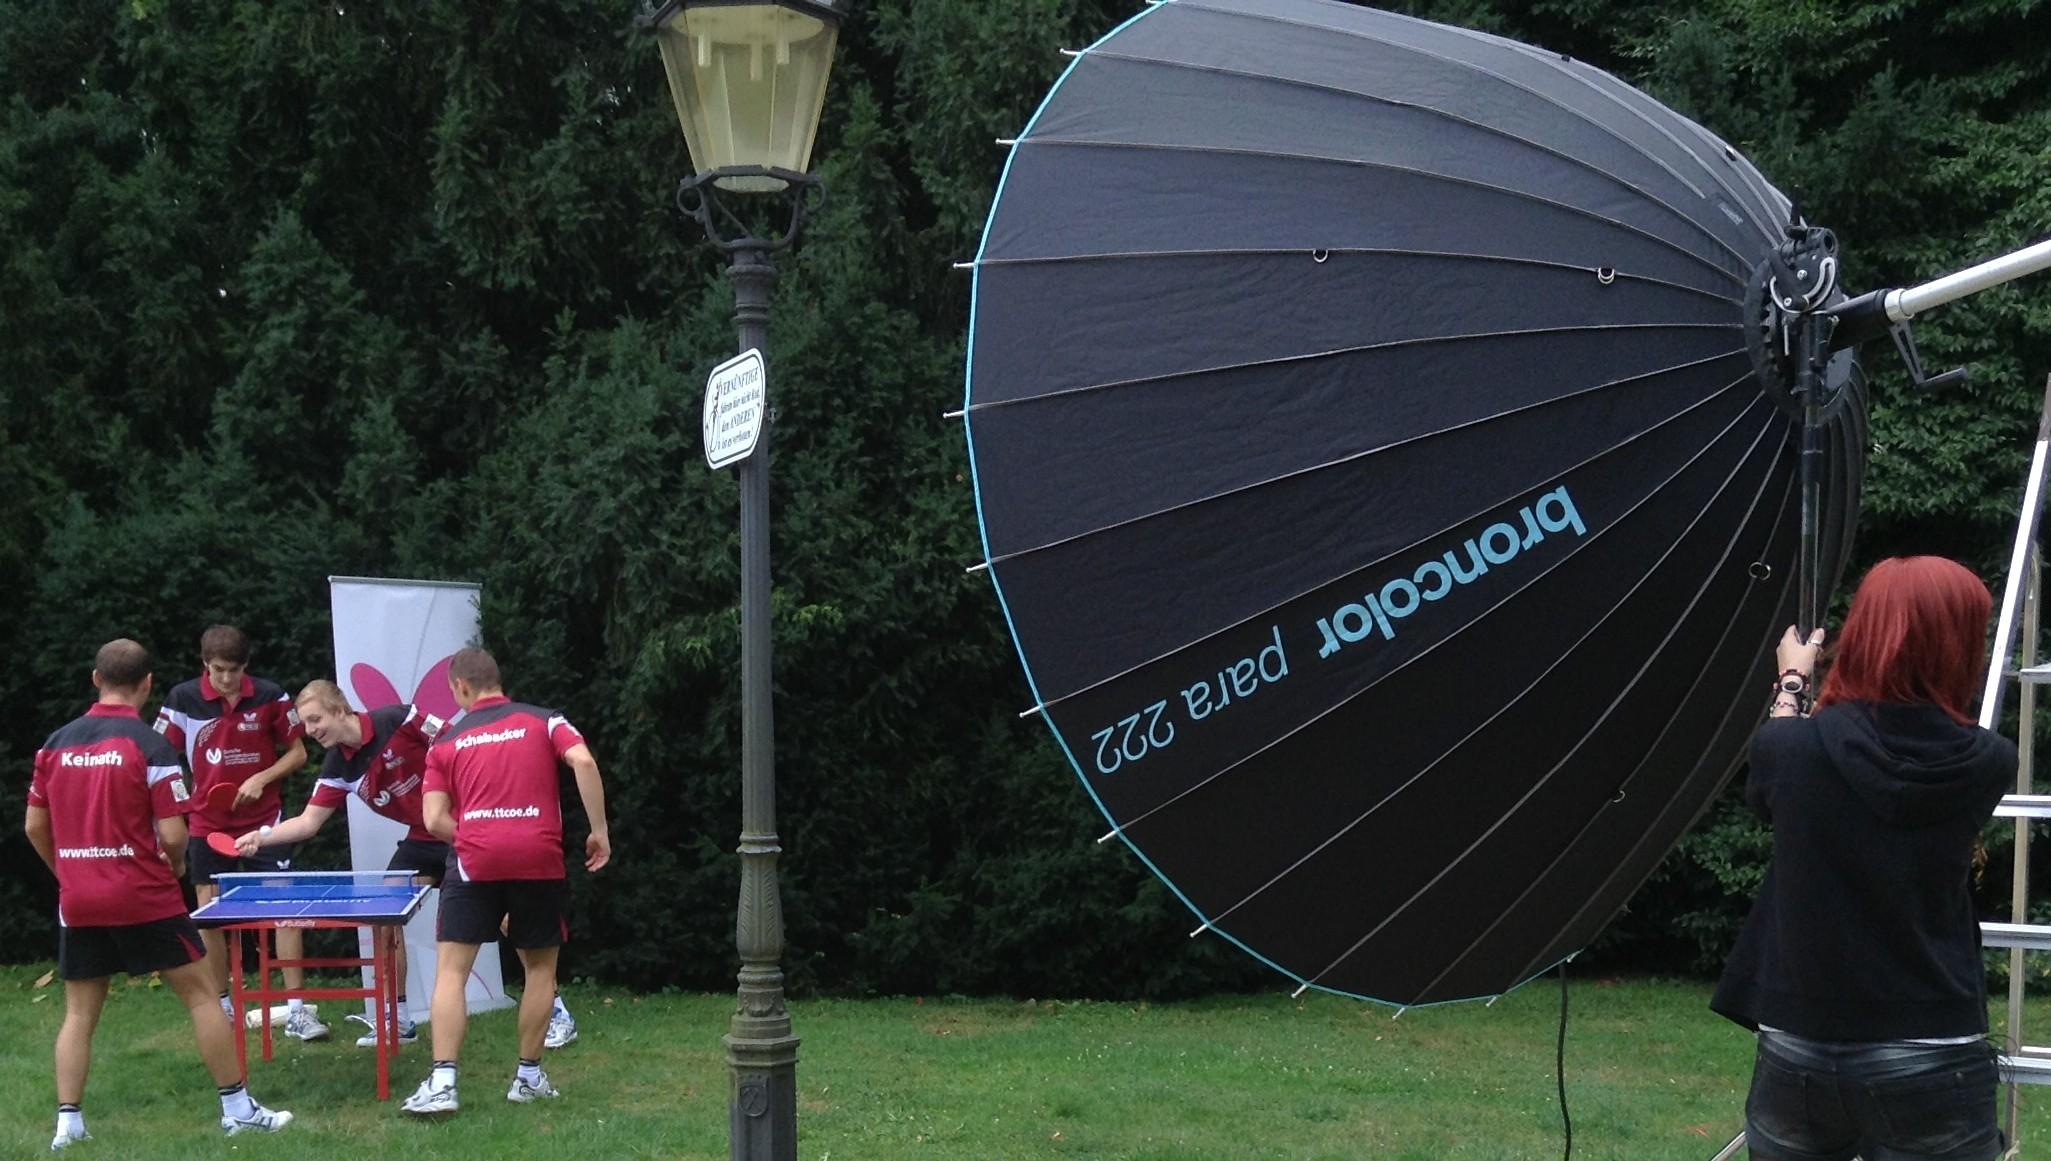 Der riesige und teure Licht-Schirmreflektor soll die Spieler ins rechte Licht rücken